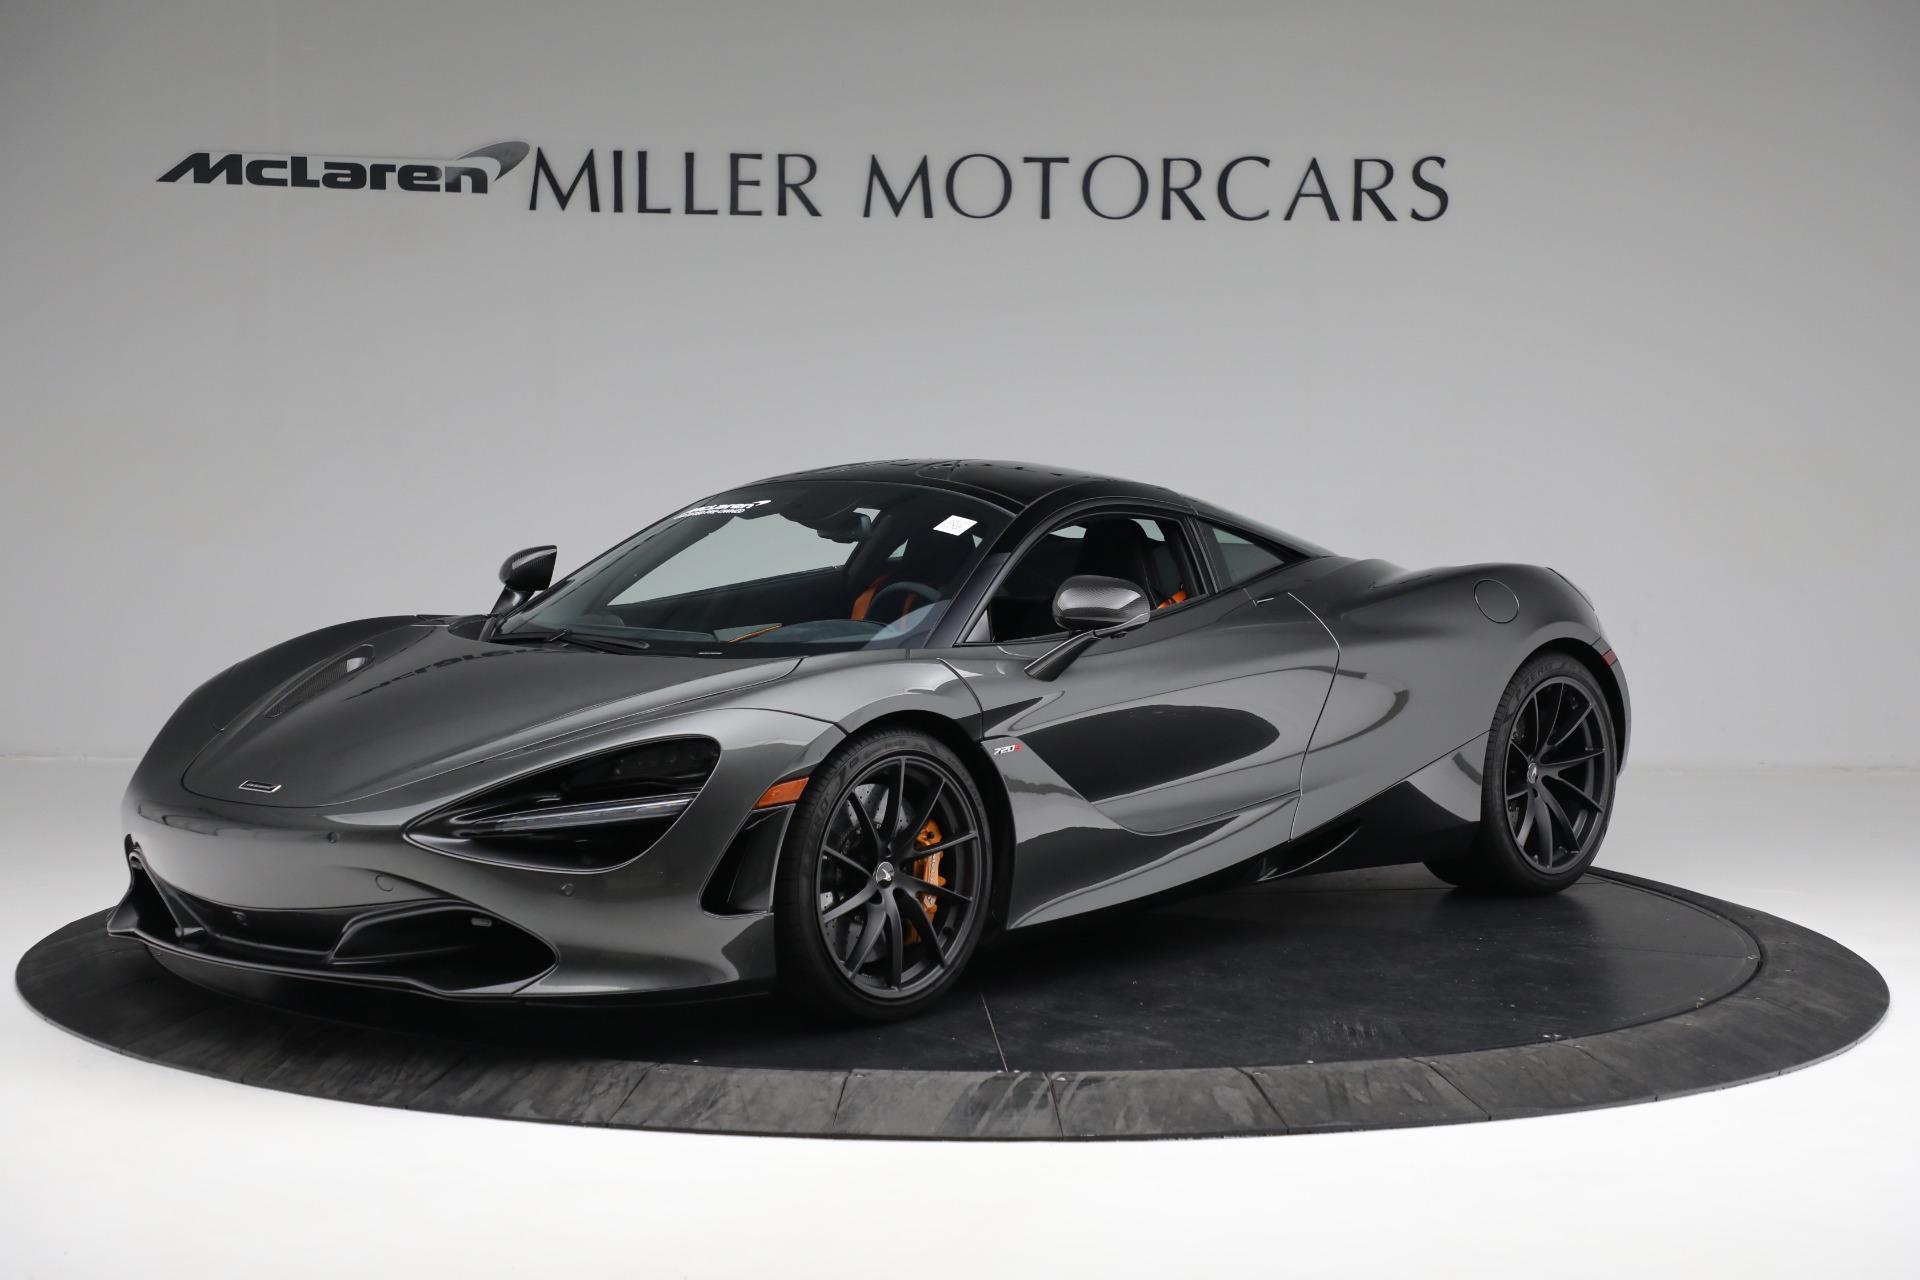 New 2019 McLaren 720S Coupe For Sale In Westport, CT 3025_p2